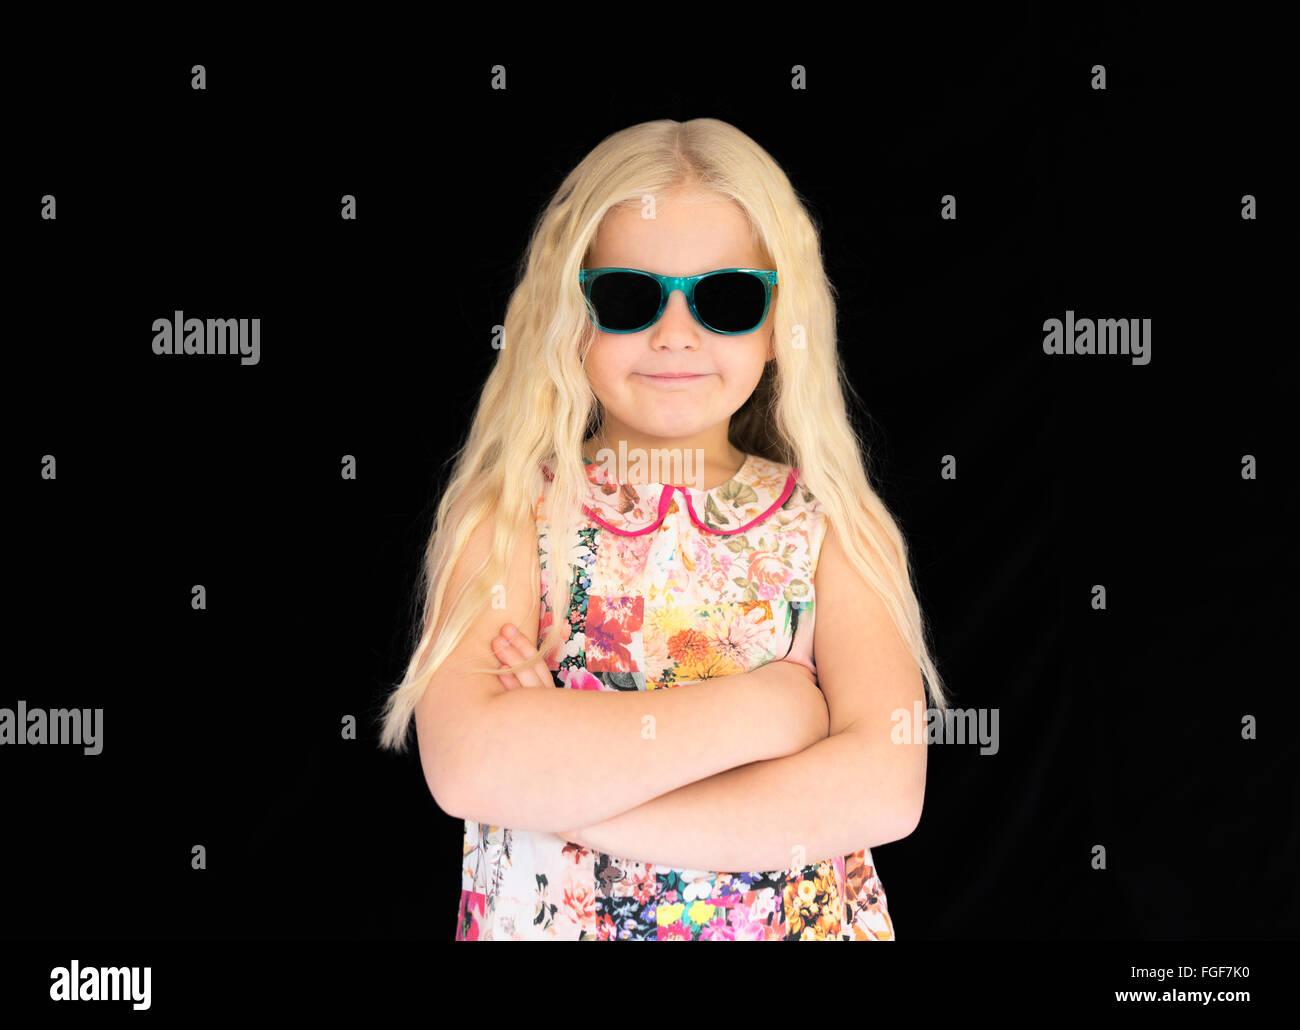 Jeune fille avec de longs cheveux blonds portant des lunettes, smiling Photo Stock